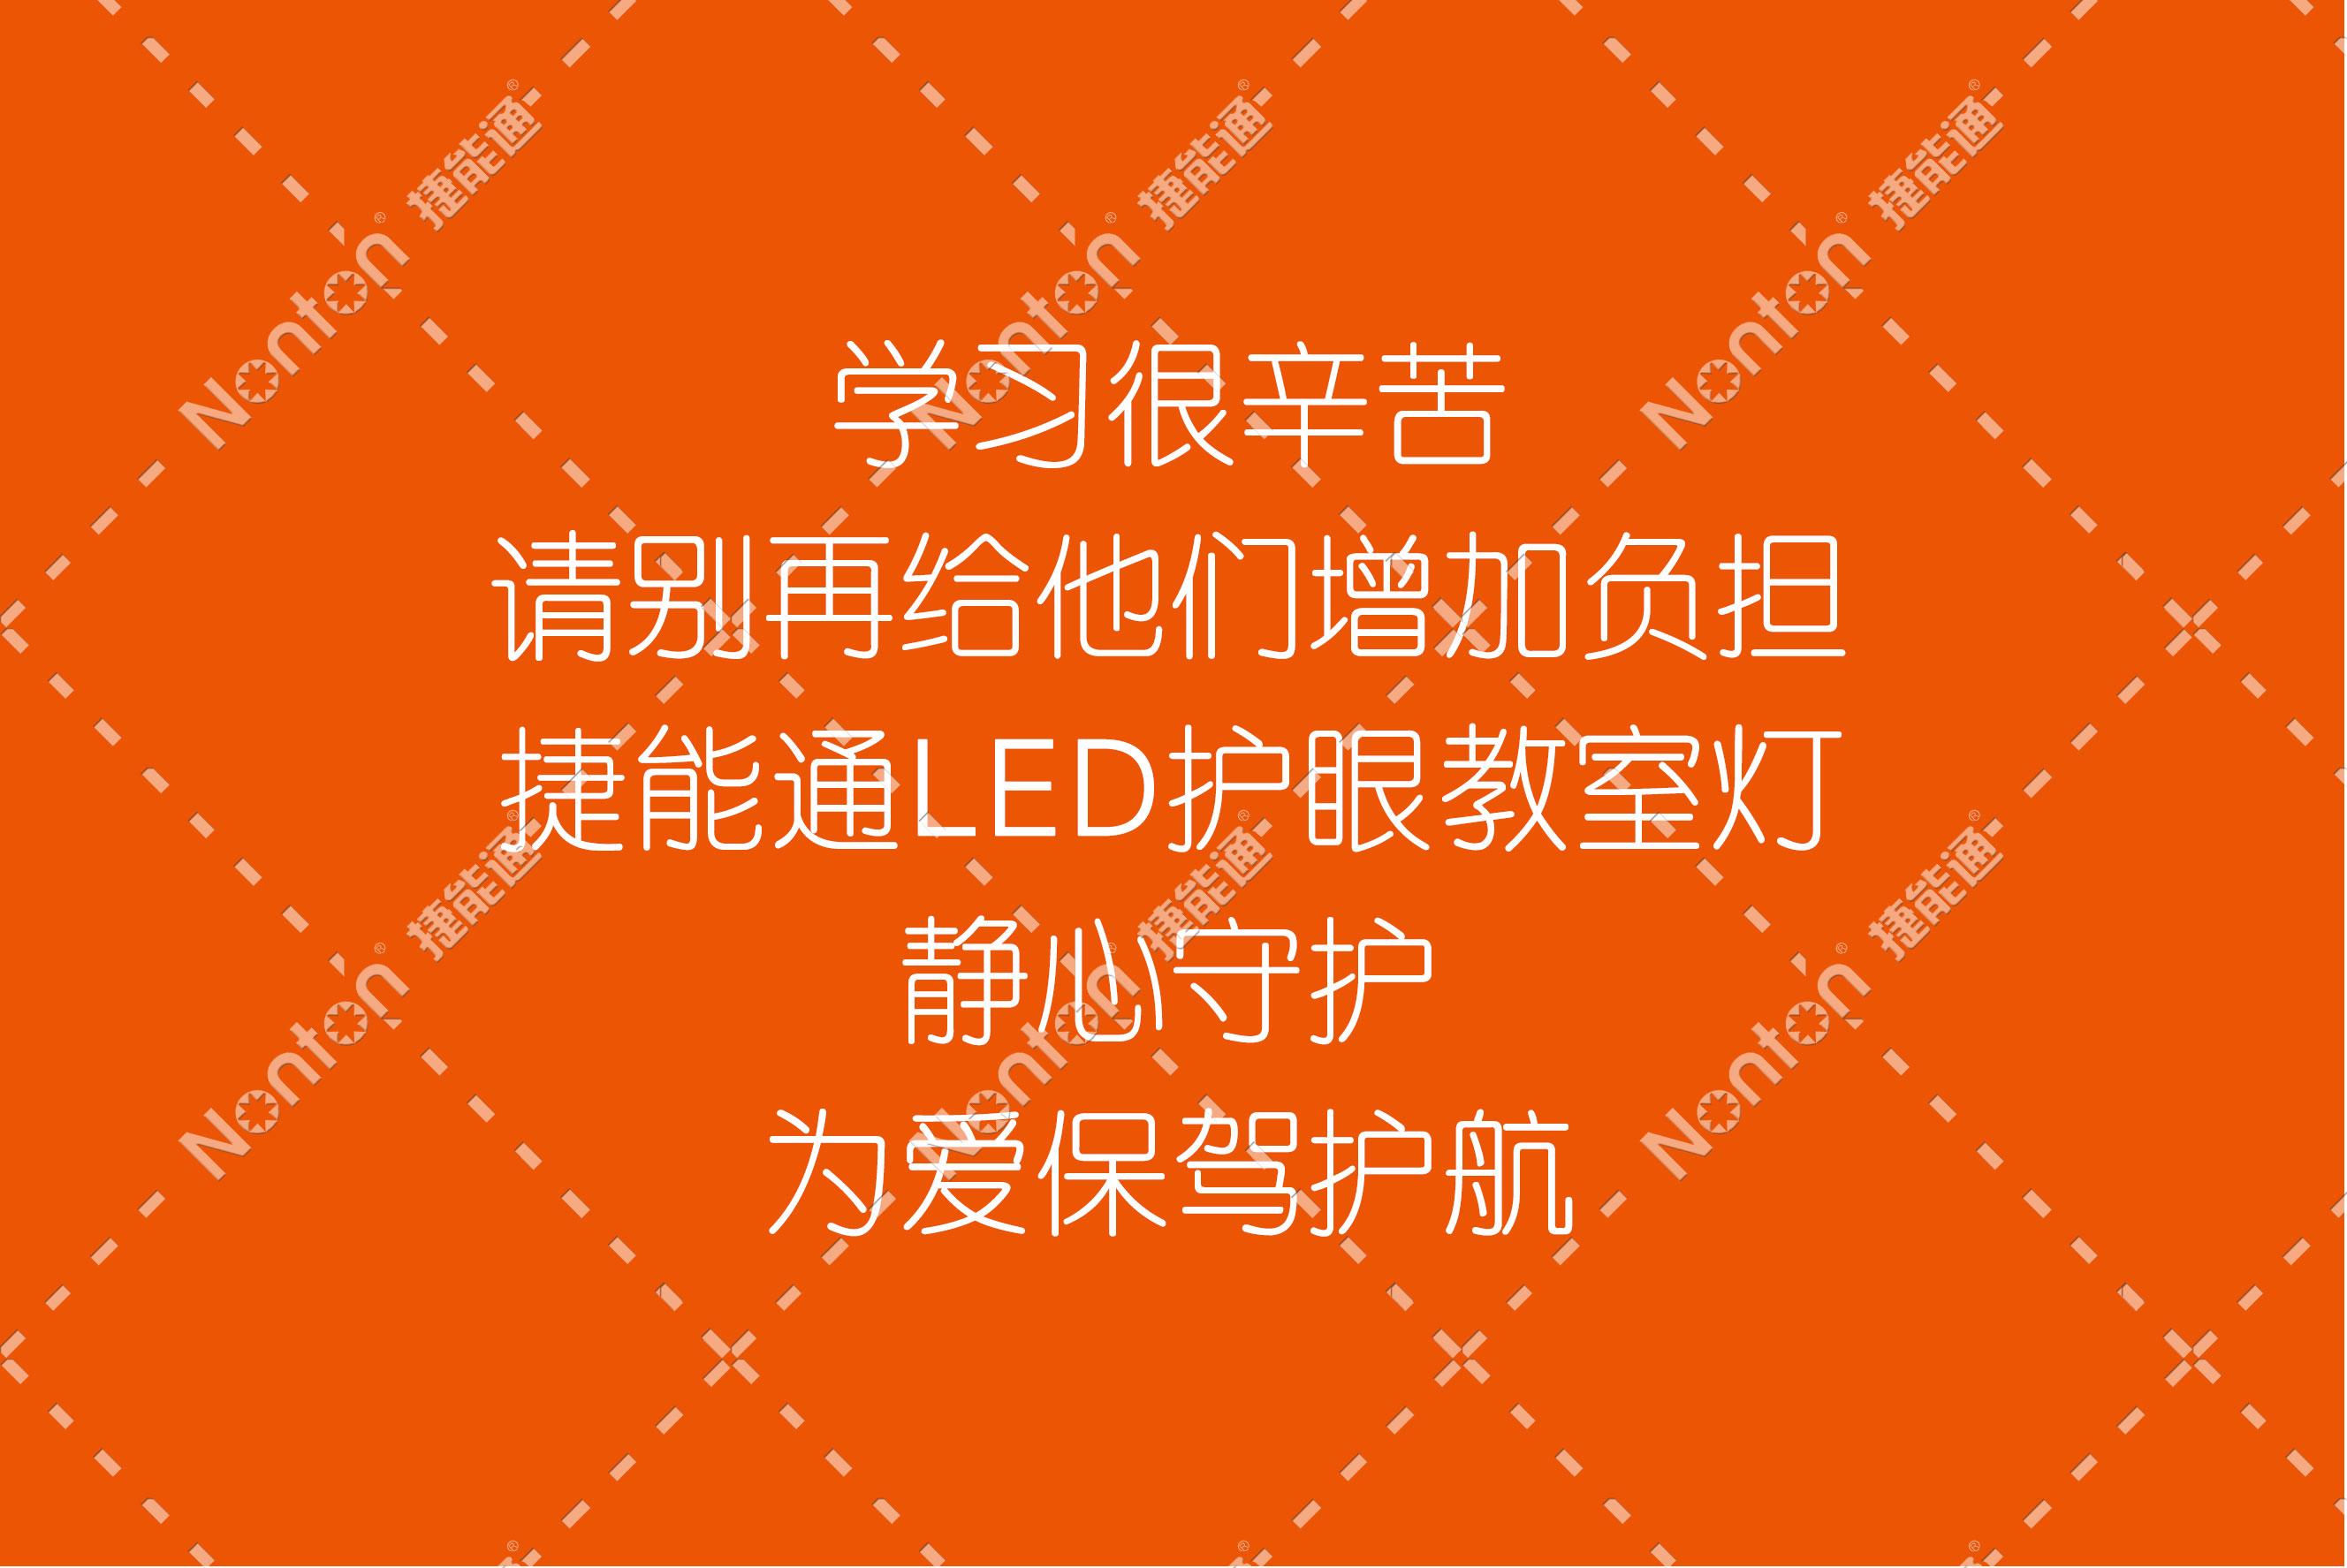 学校教室灯 教室灯 学校就改造 教室灯光改造 教育系统照明